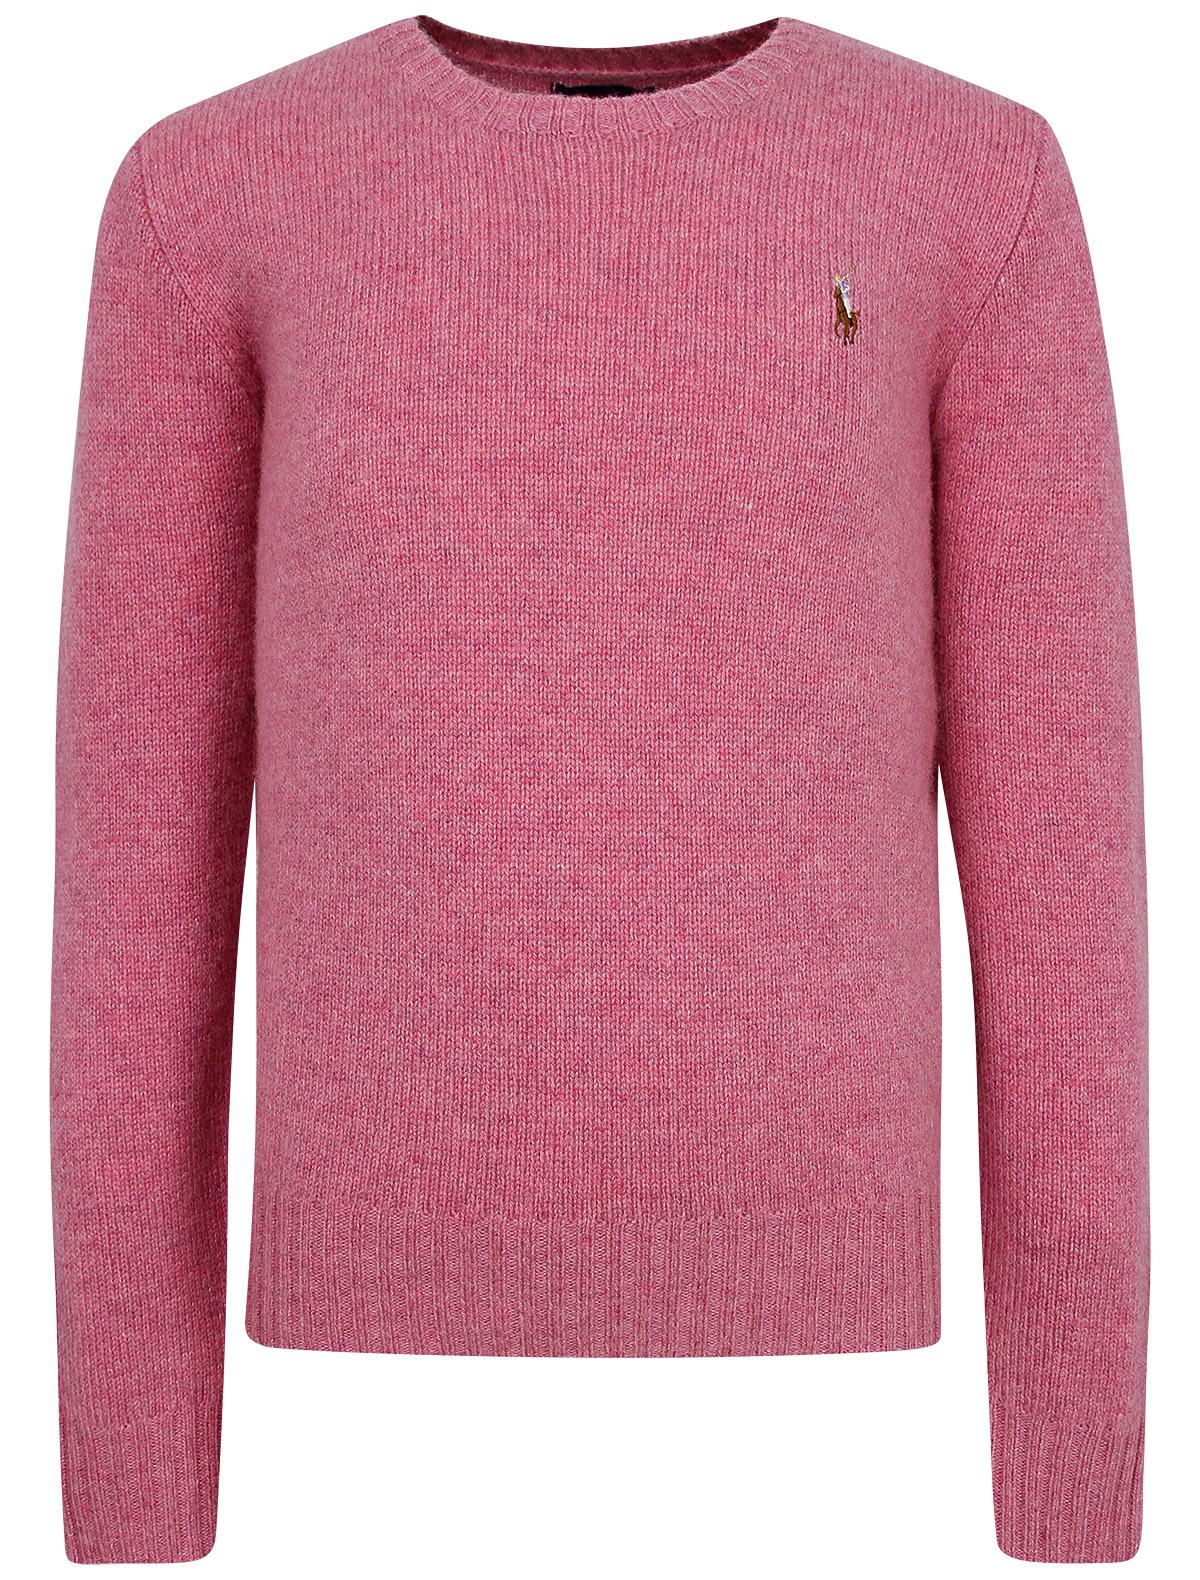 Купить 2037793, Джемпер Ralph Lauren, розовый, Женский, 1262609980025